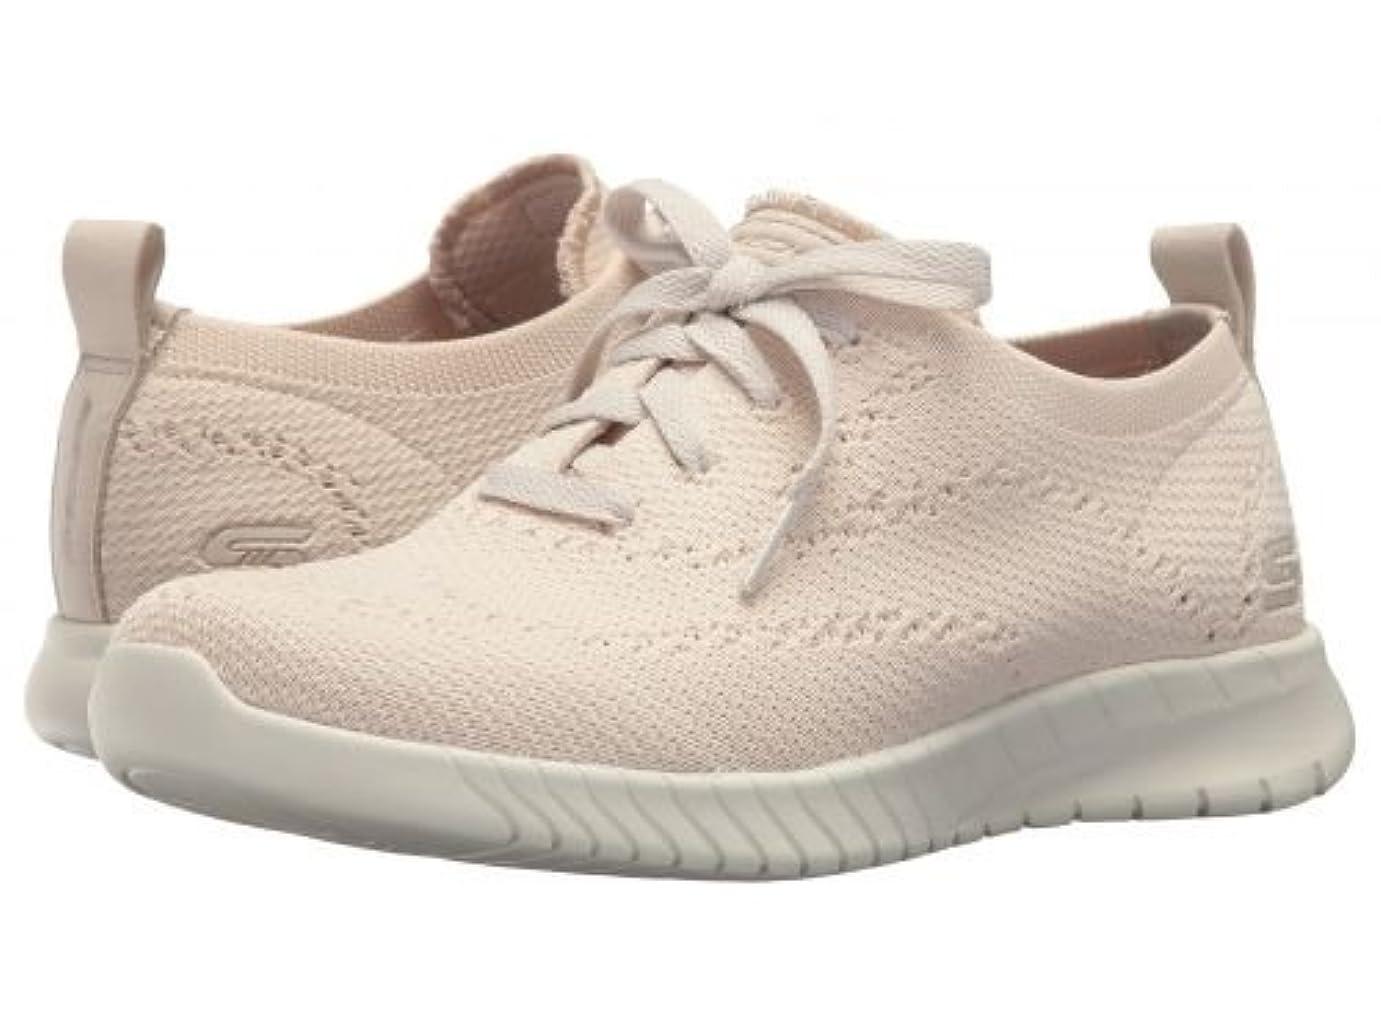 スプリット固有のコットンSKECHERS(スケッチャーズ) レディース 女性用 シューズ 靴 スニーカー 運動靴 Wave Lite - Pretty Philosophy - Natural [並行輸入品]